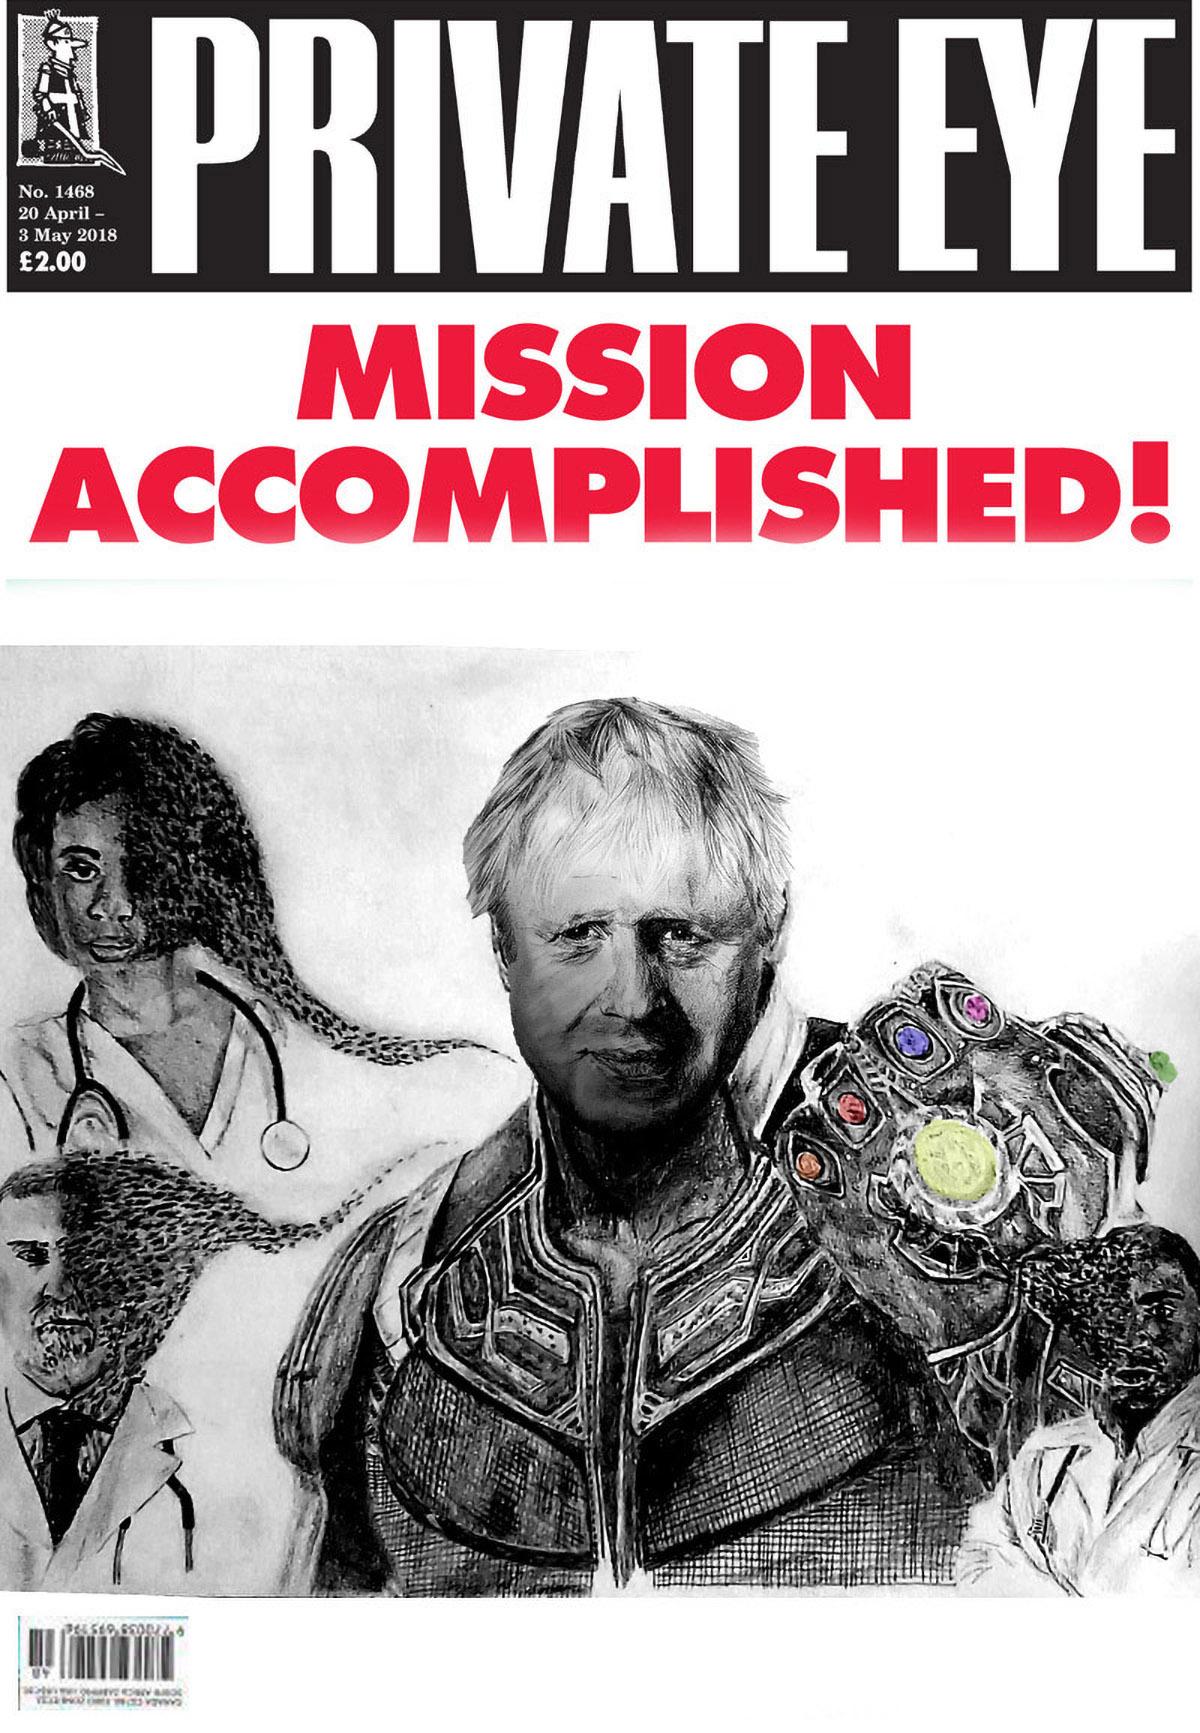 Boris Avengers